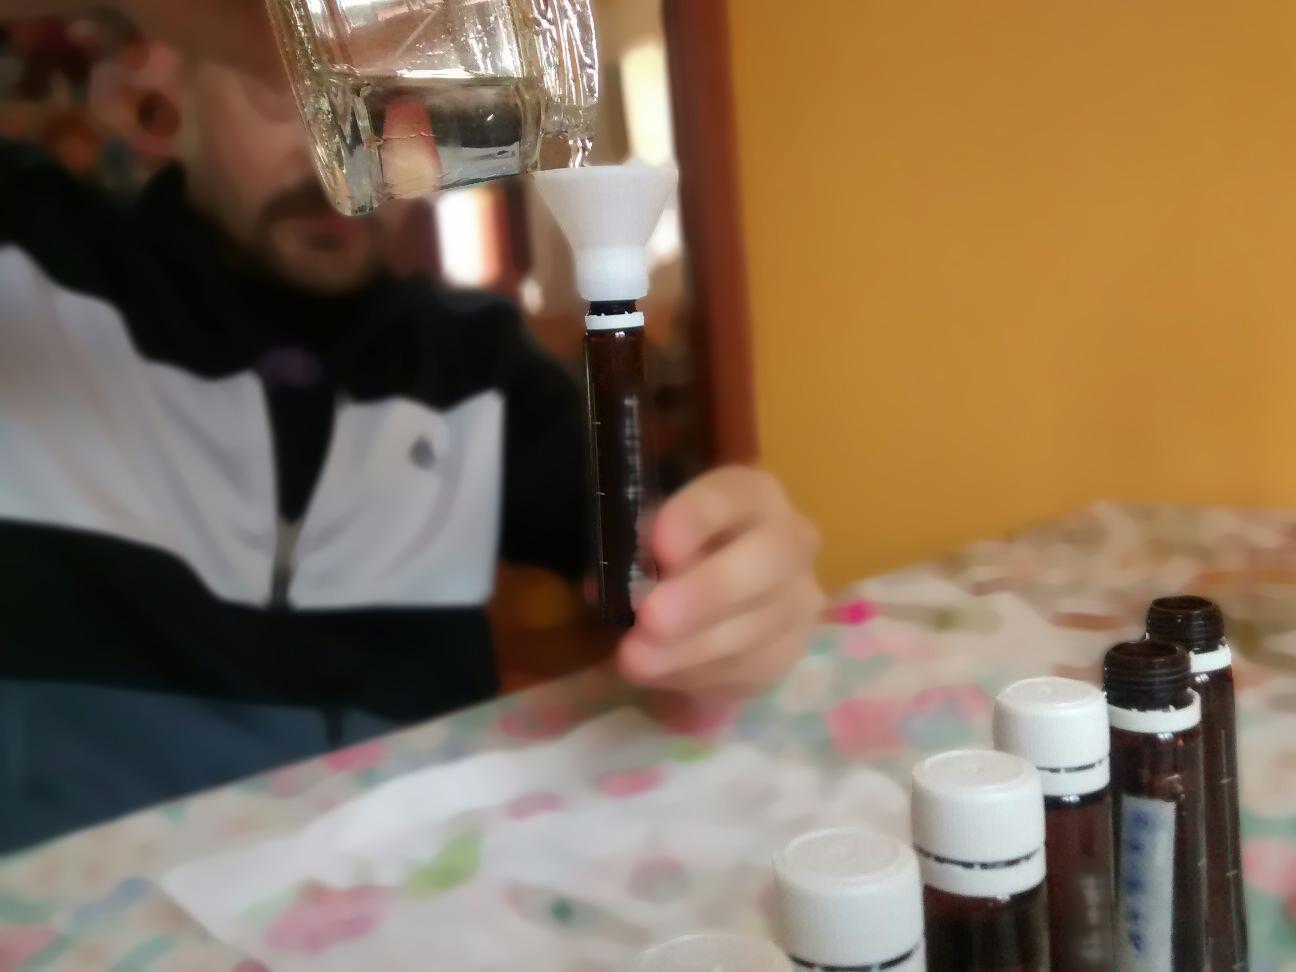 Le fiale vengono riempite con il glucosio liquido una ad una, per mezzo del glucoimbuto